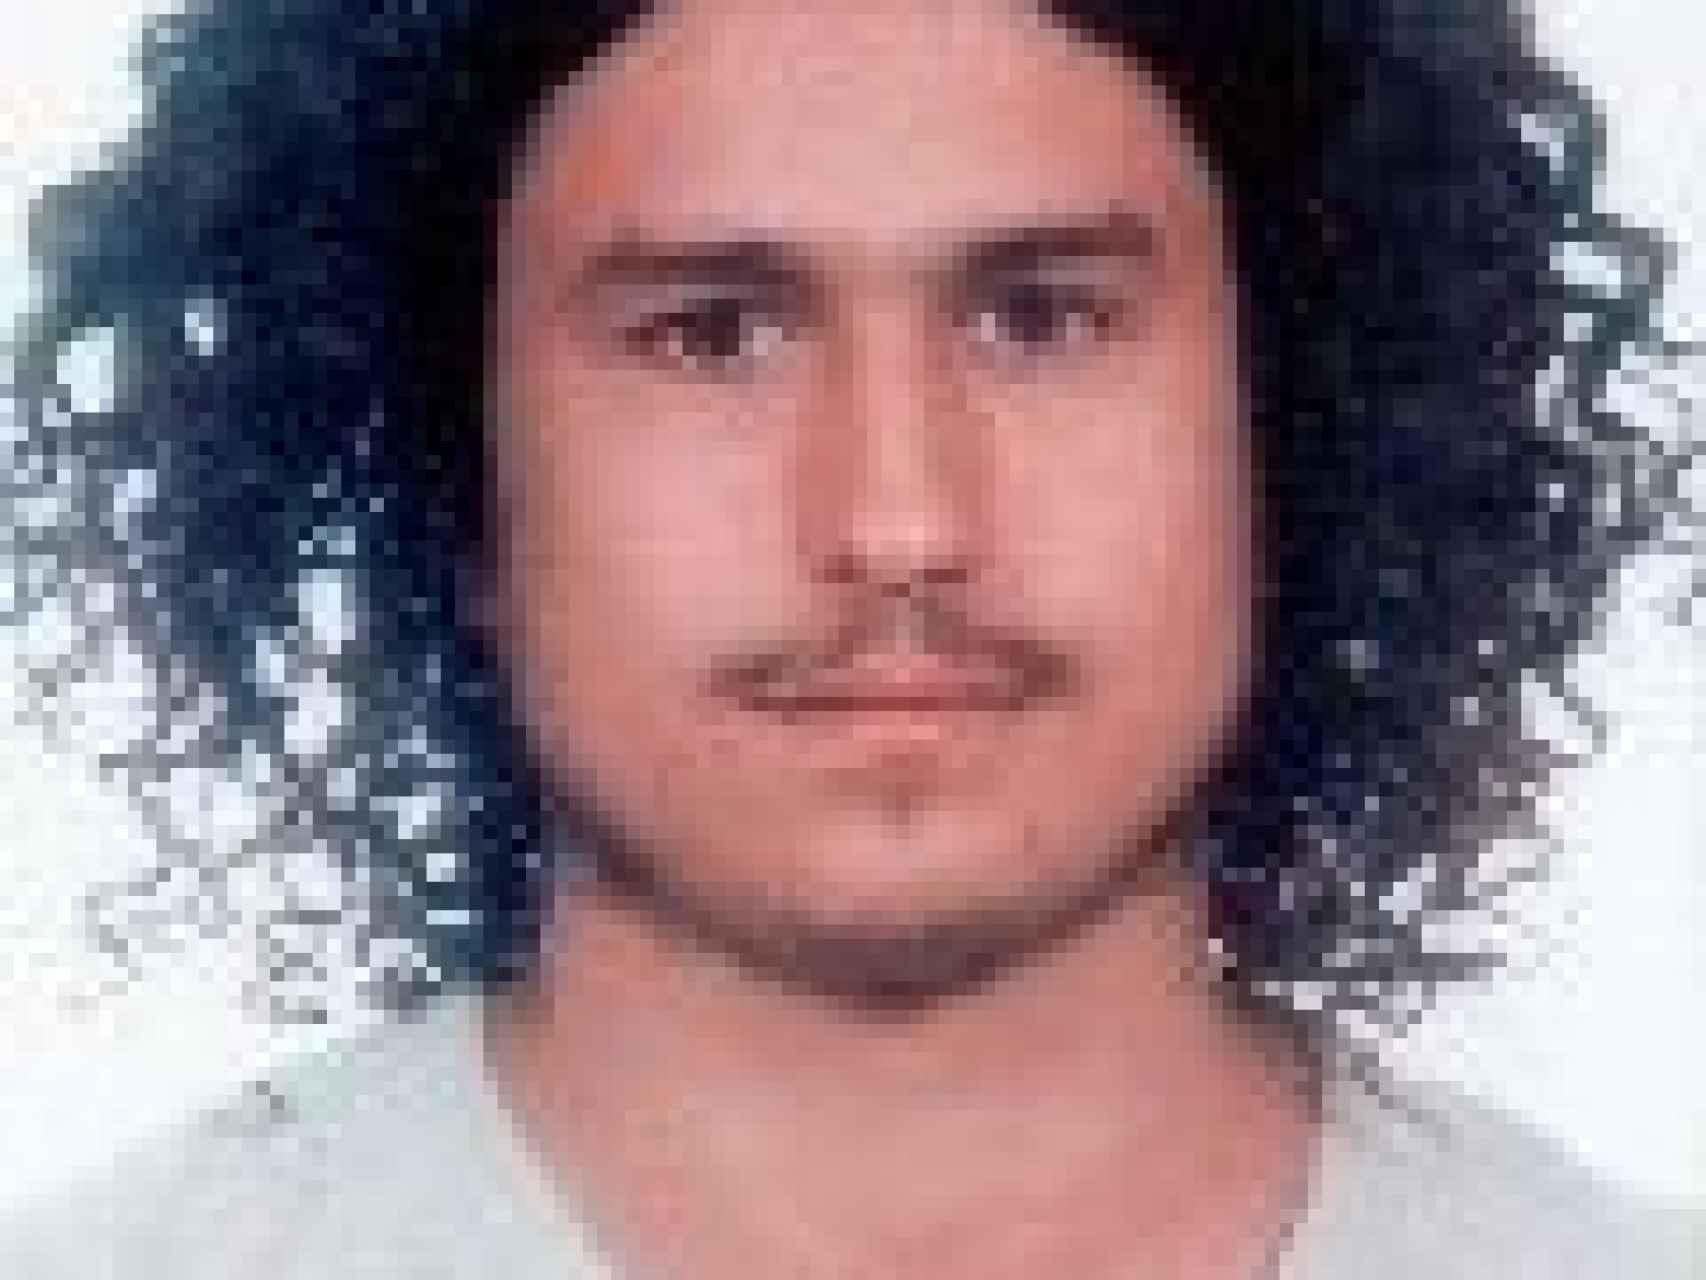 Mario Rodríguez murió hace tres años por abandonar el tratamiento de la leucemia. Luego todo empeoró. Falleció a los seis meses de que se la detectaran.